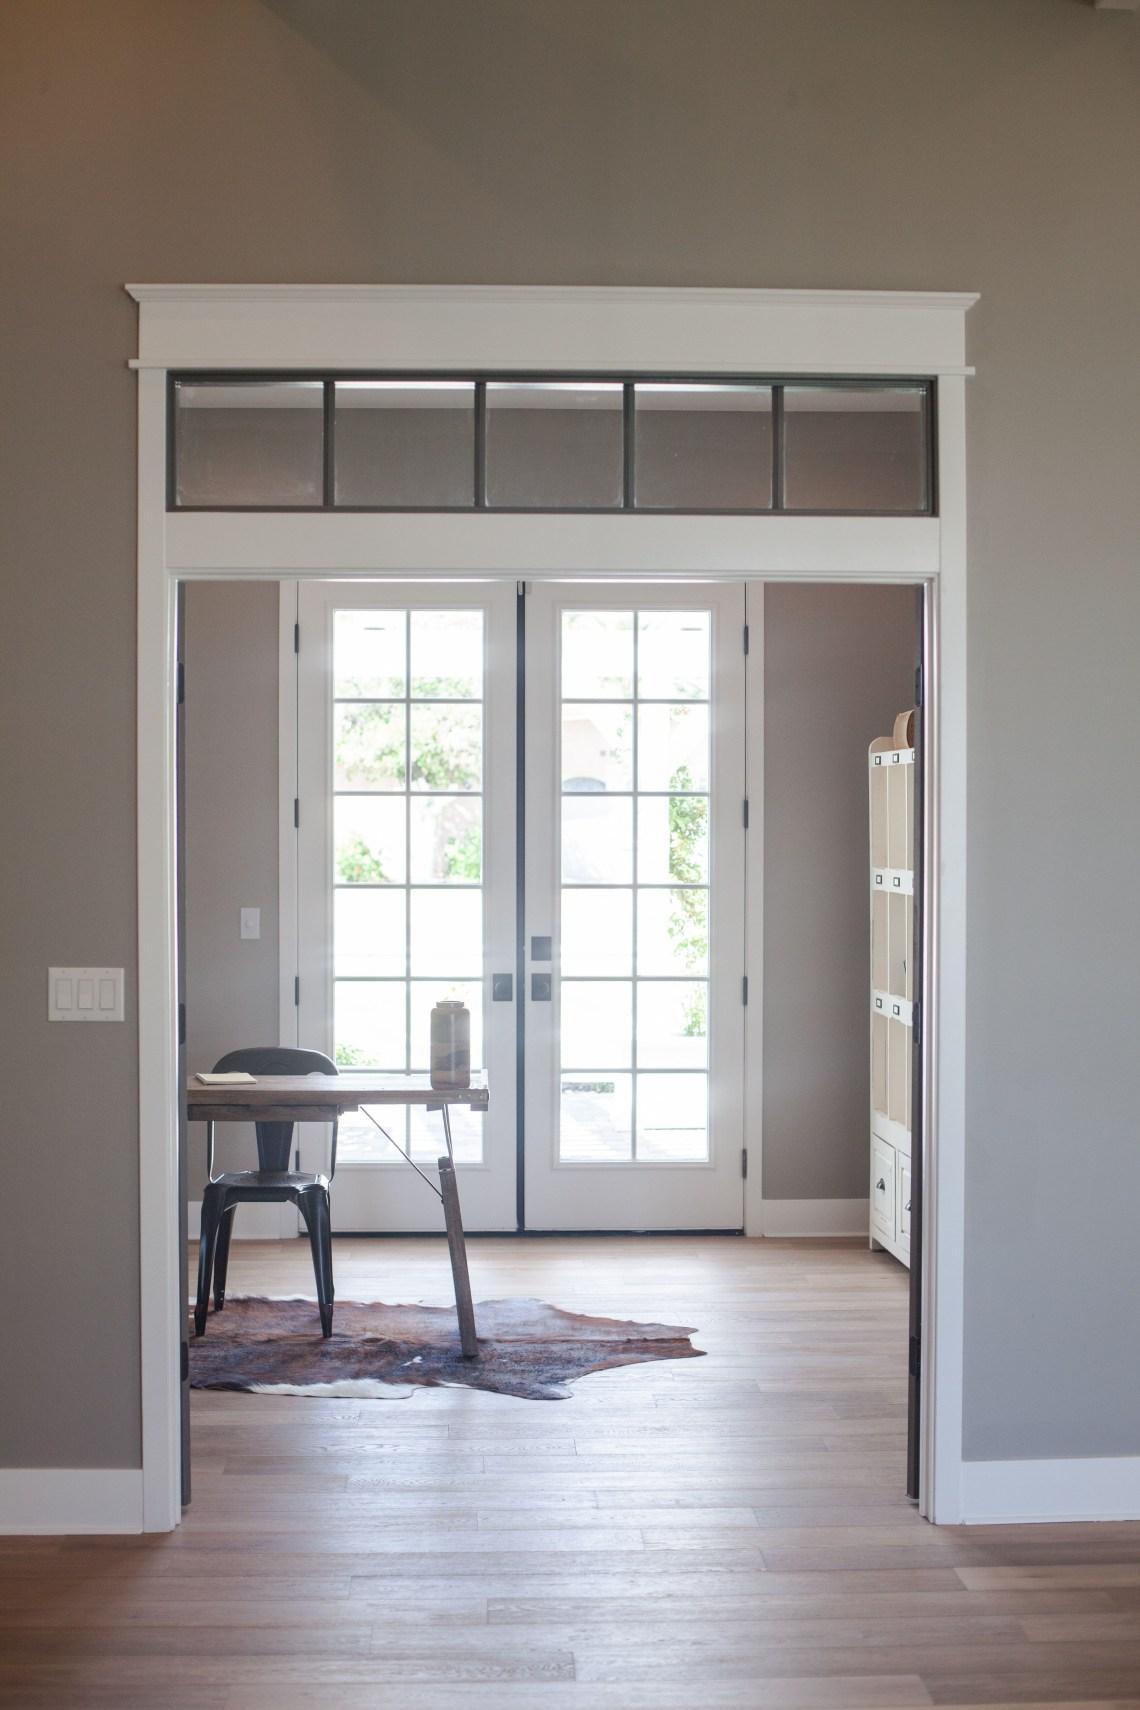 Decorative Look Transom Window Transom Window With Grey